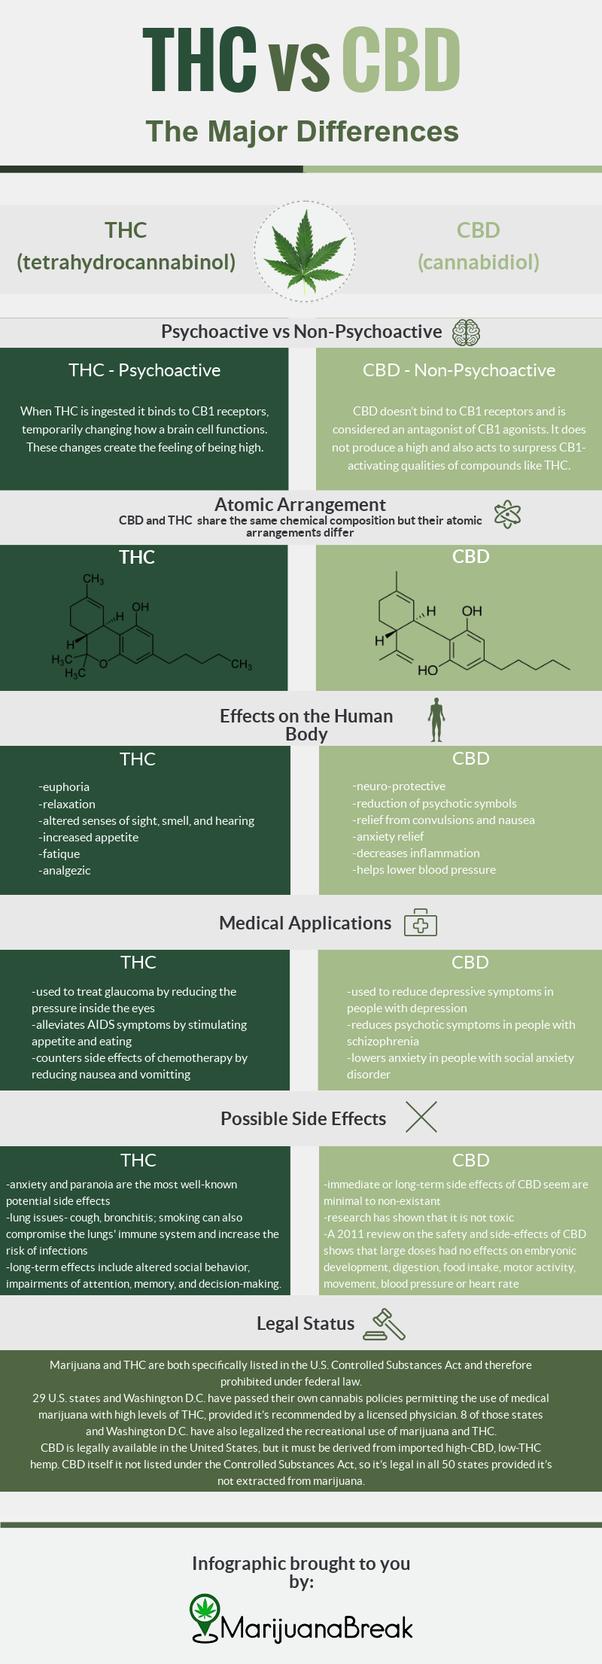 CBD or THC? - Quora